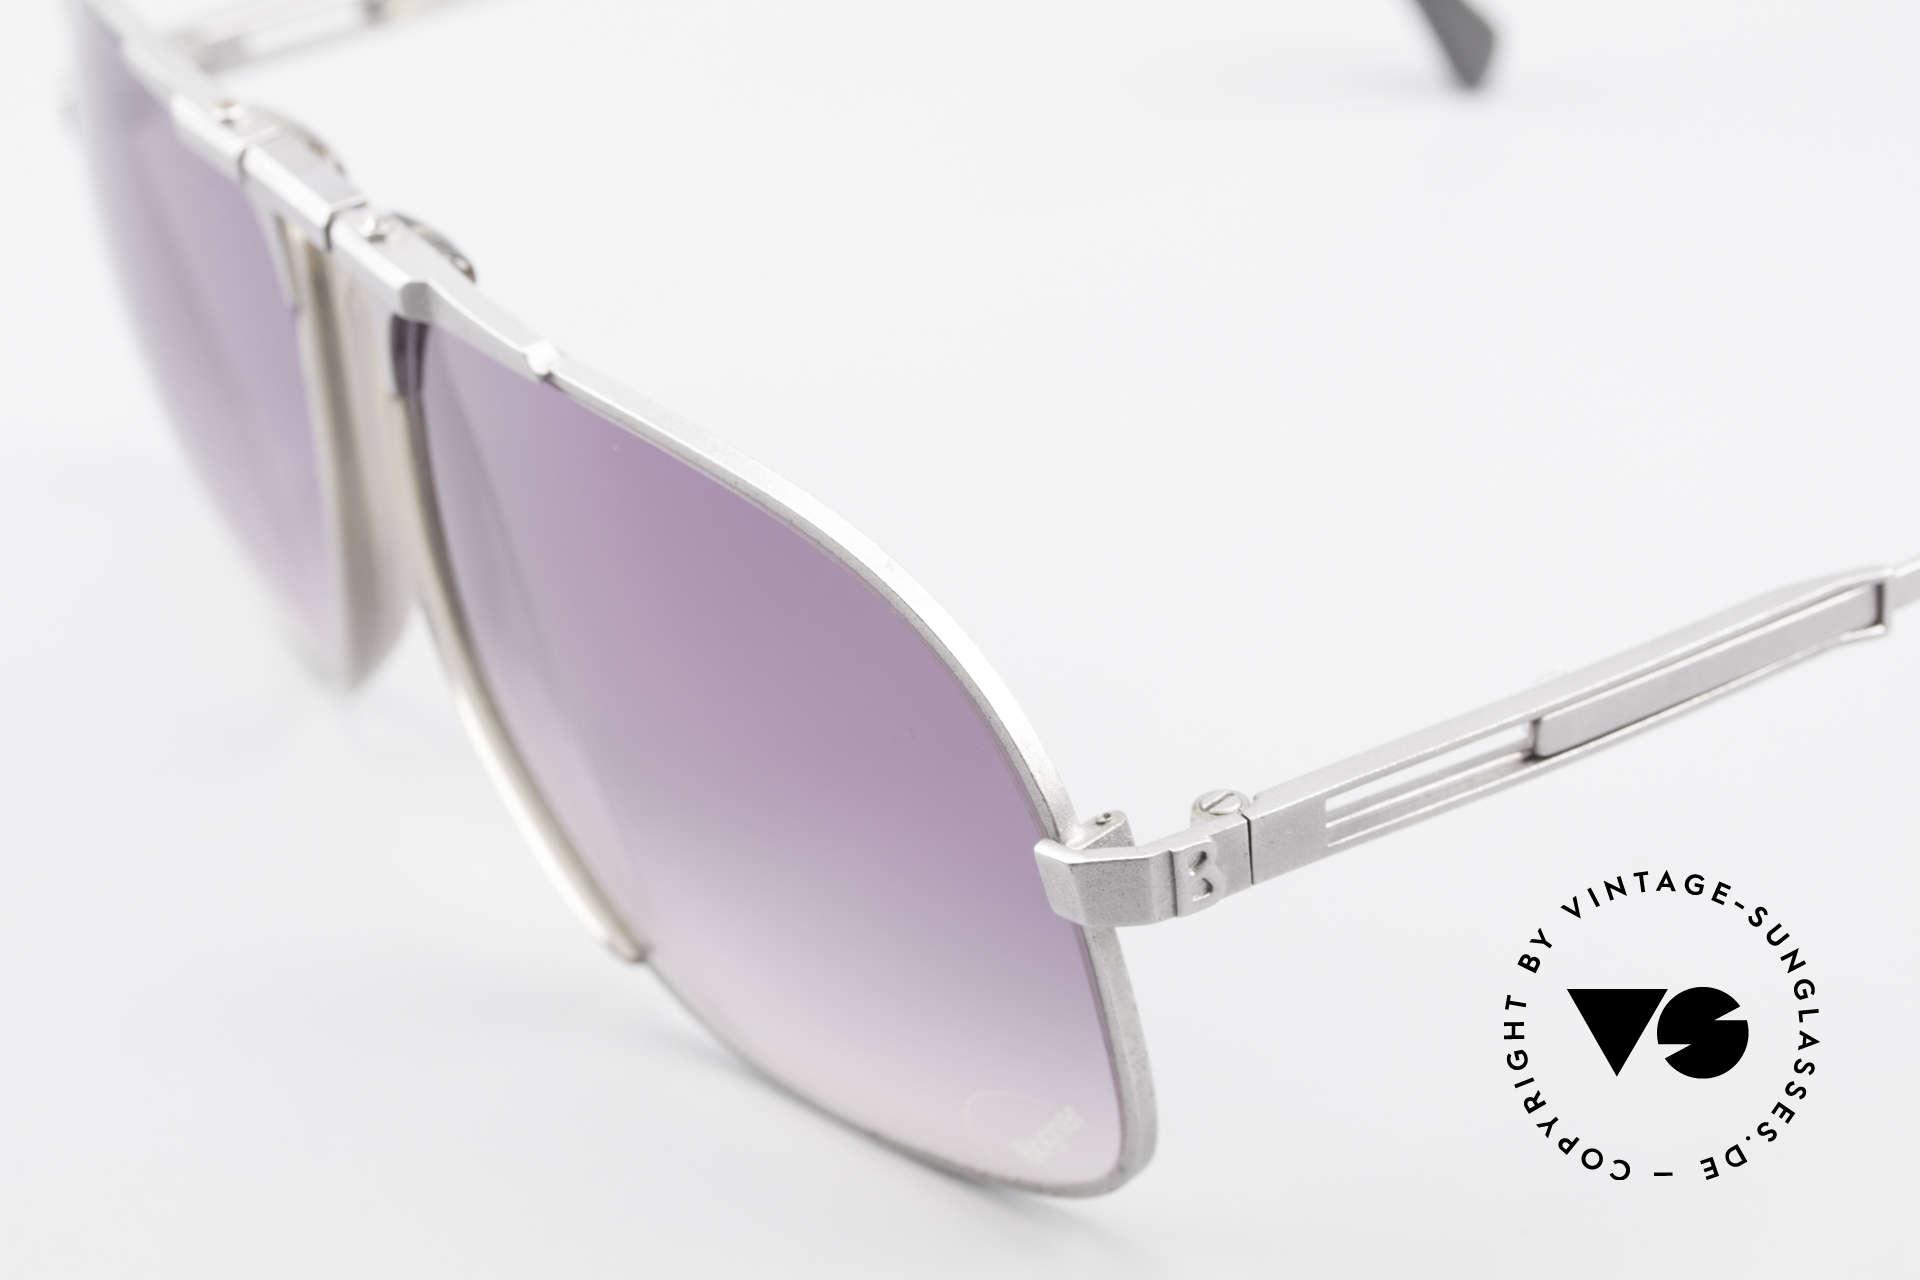 Willy Bogner 7023 Einstellbare Sonnenbrille 80er, 7023 = ähnlich der James Bond Bogner Brille Mod. 7003, Passend für Herren